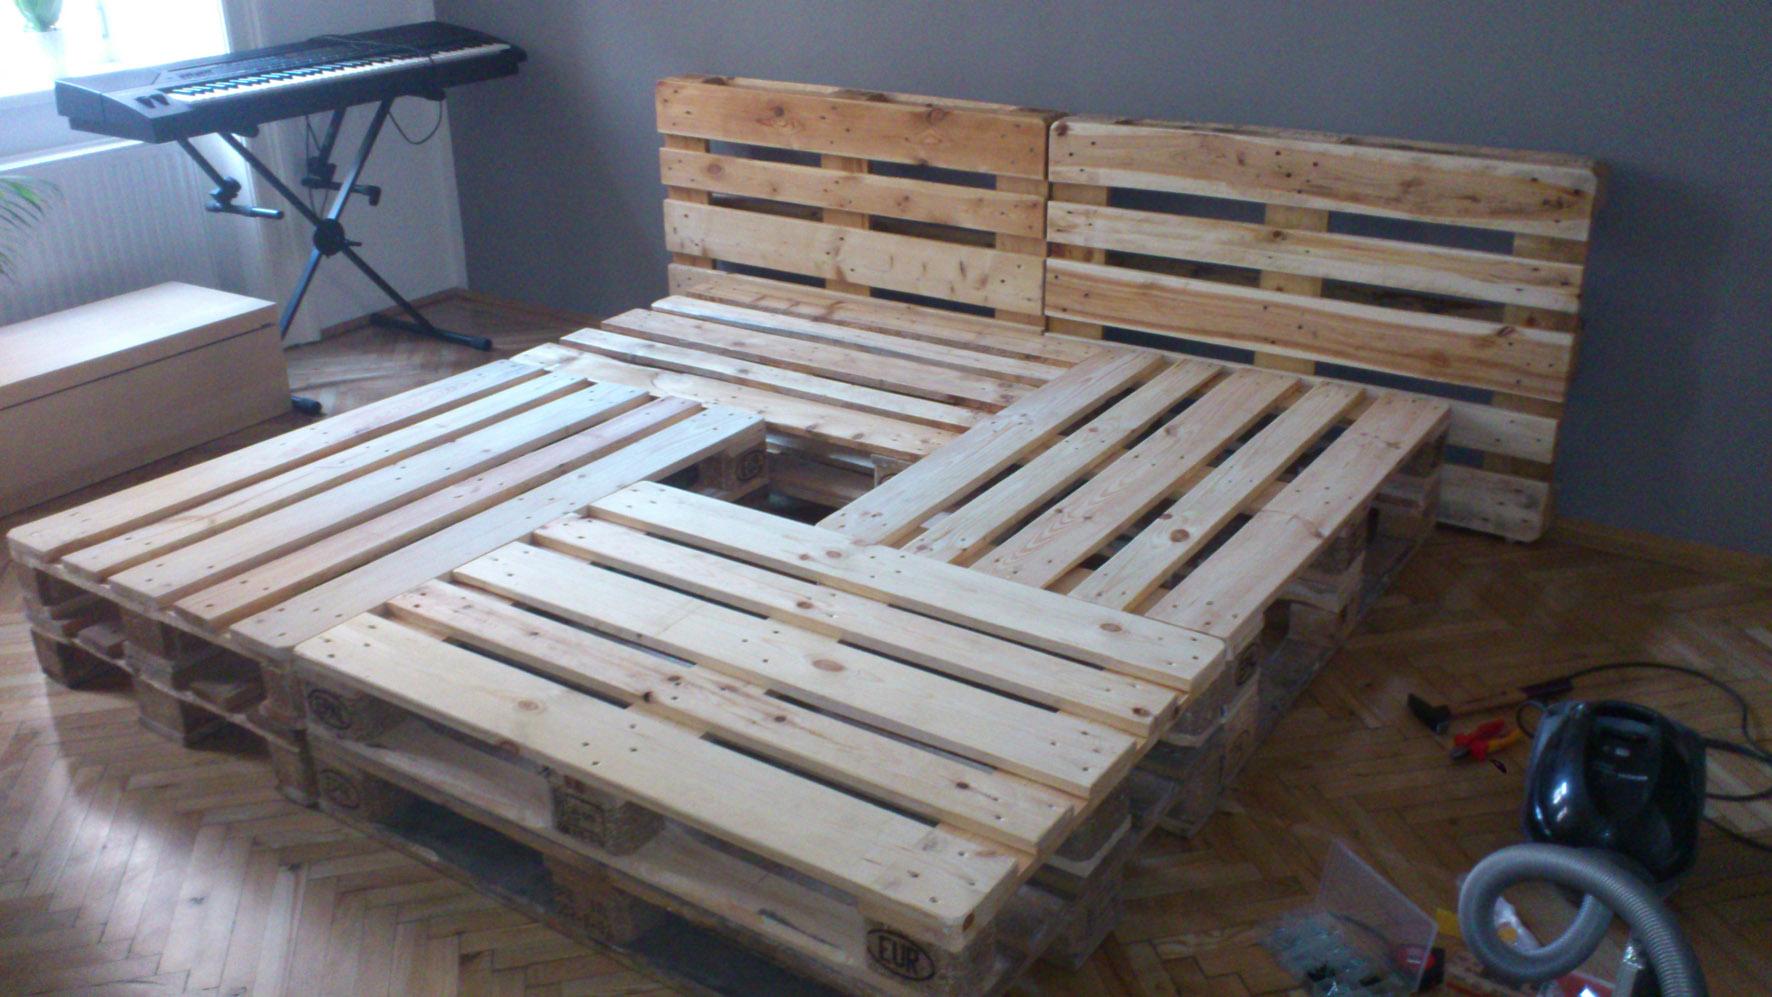 Betten Selber Bauen Podest Attraktiv Podest Bauen Bett Und Beste